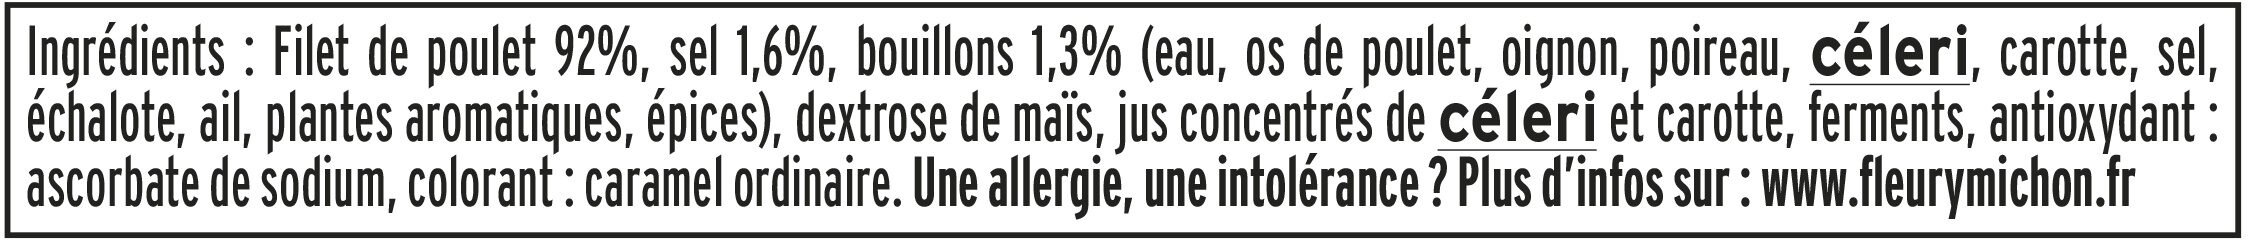 Blanc de poulet doré au four - 6 tranches fines - Ingrediënten - fr